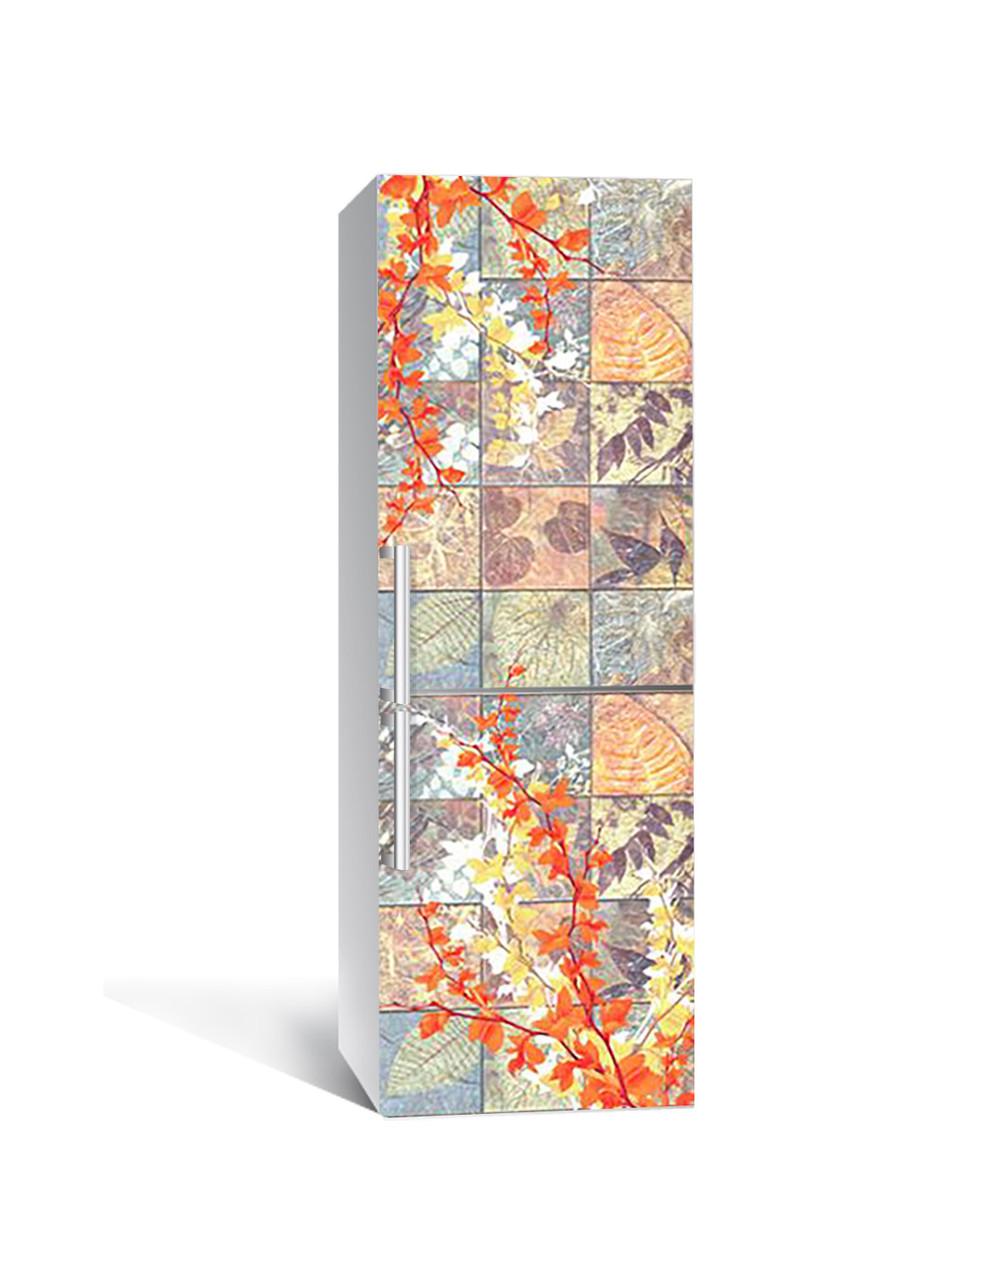 Виниловая 3Д наклейка на холодильник Осенний Орнамент ПВХ пленка самоклеющаяся под плитку Текстуры Бежевый